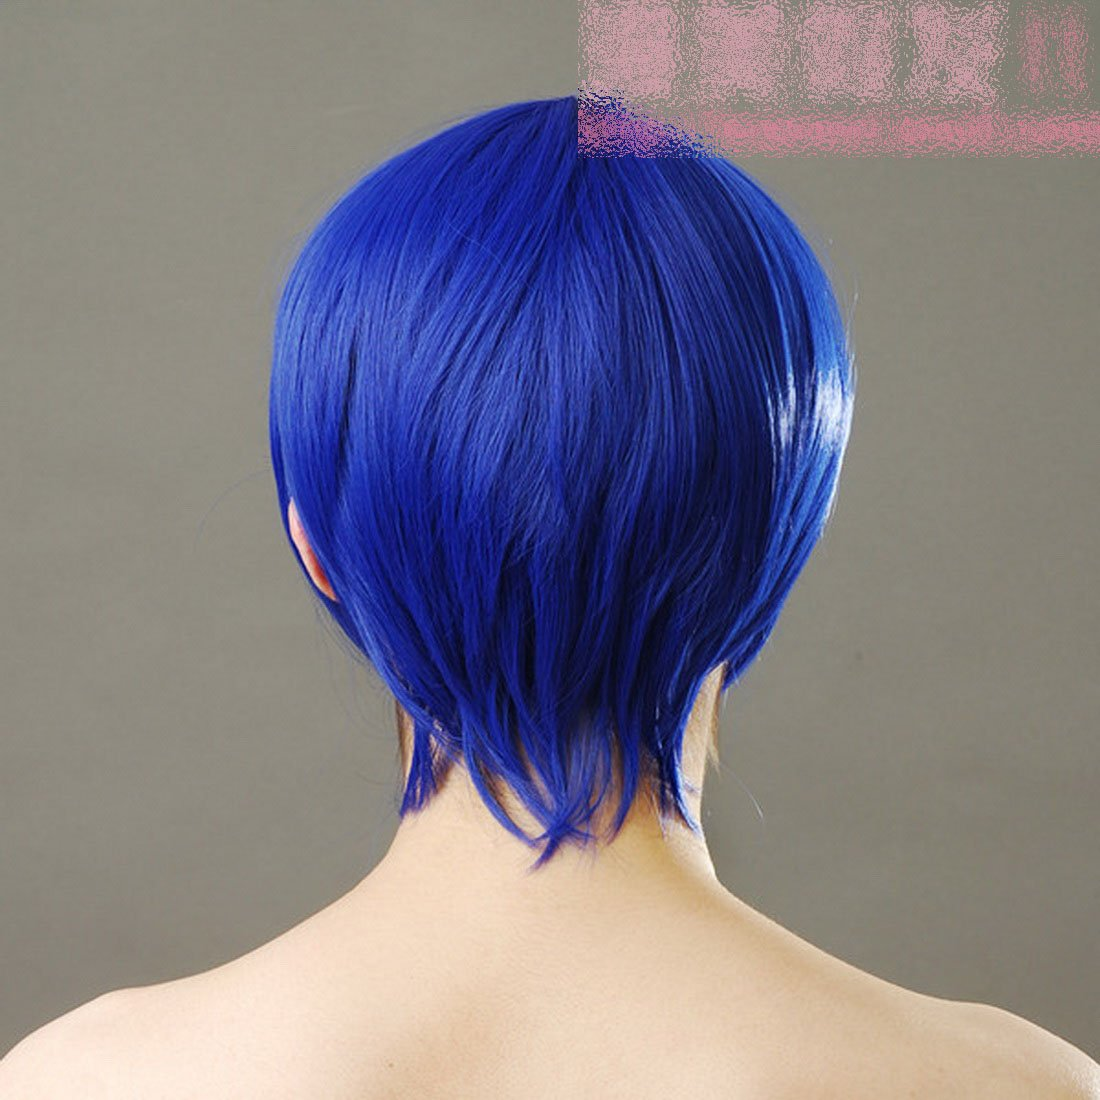 Recta corta peluca azul cosplay 30cm peluca azul peluca cosplay pelo corto disponible V Gran Hermano casa peluca: Amazon.es: Salud y cuidado personal